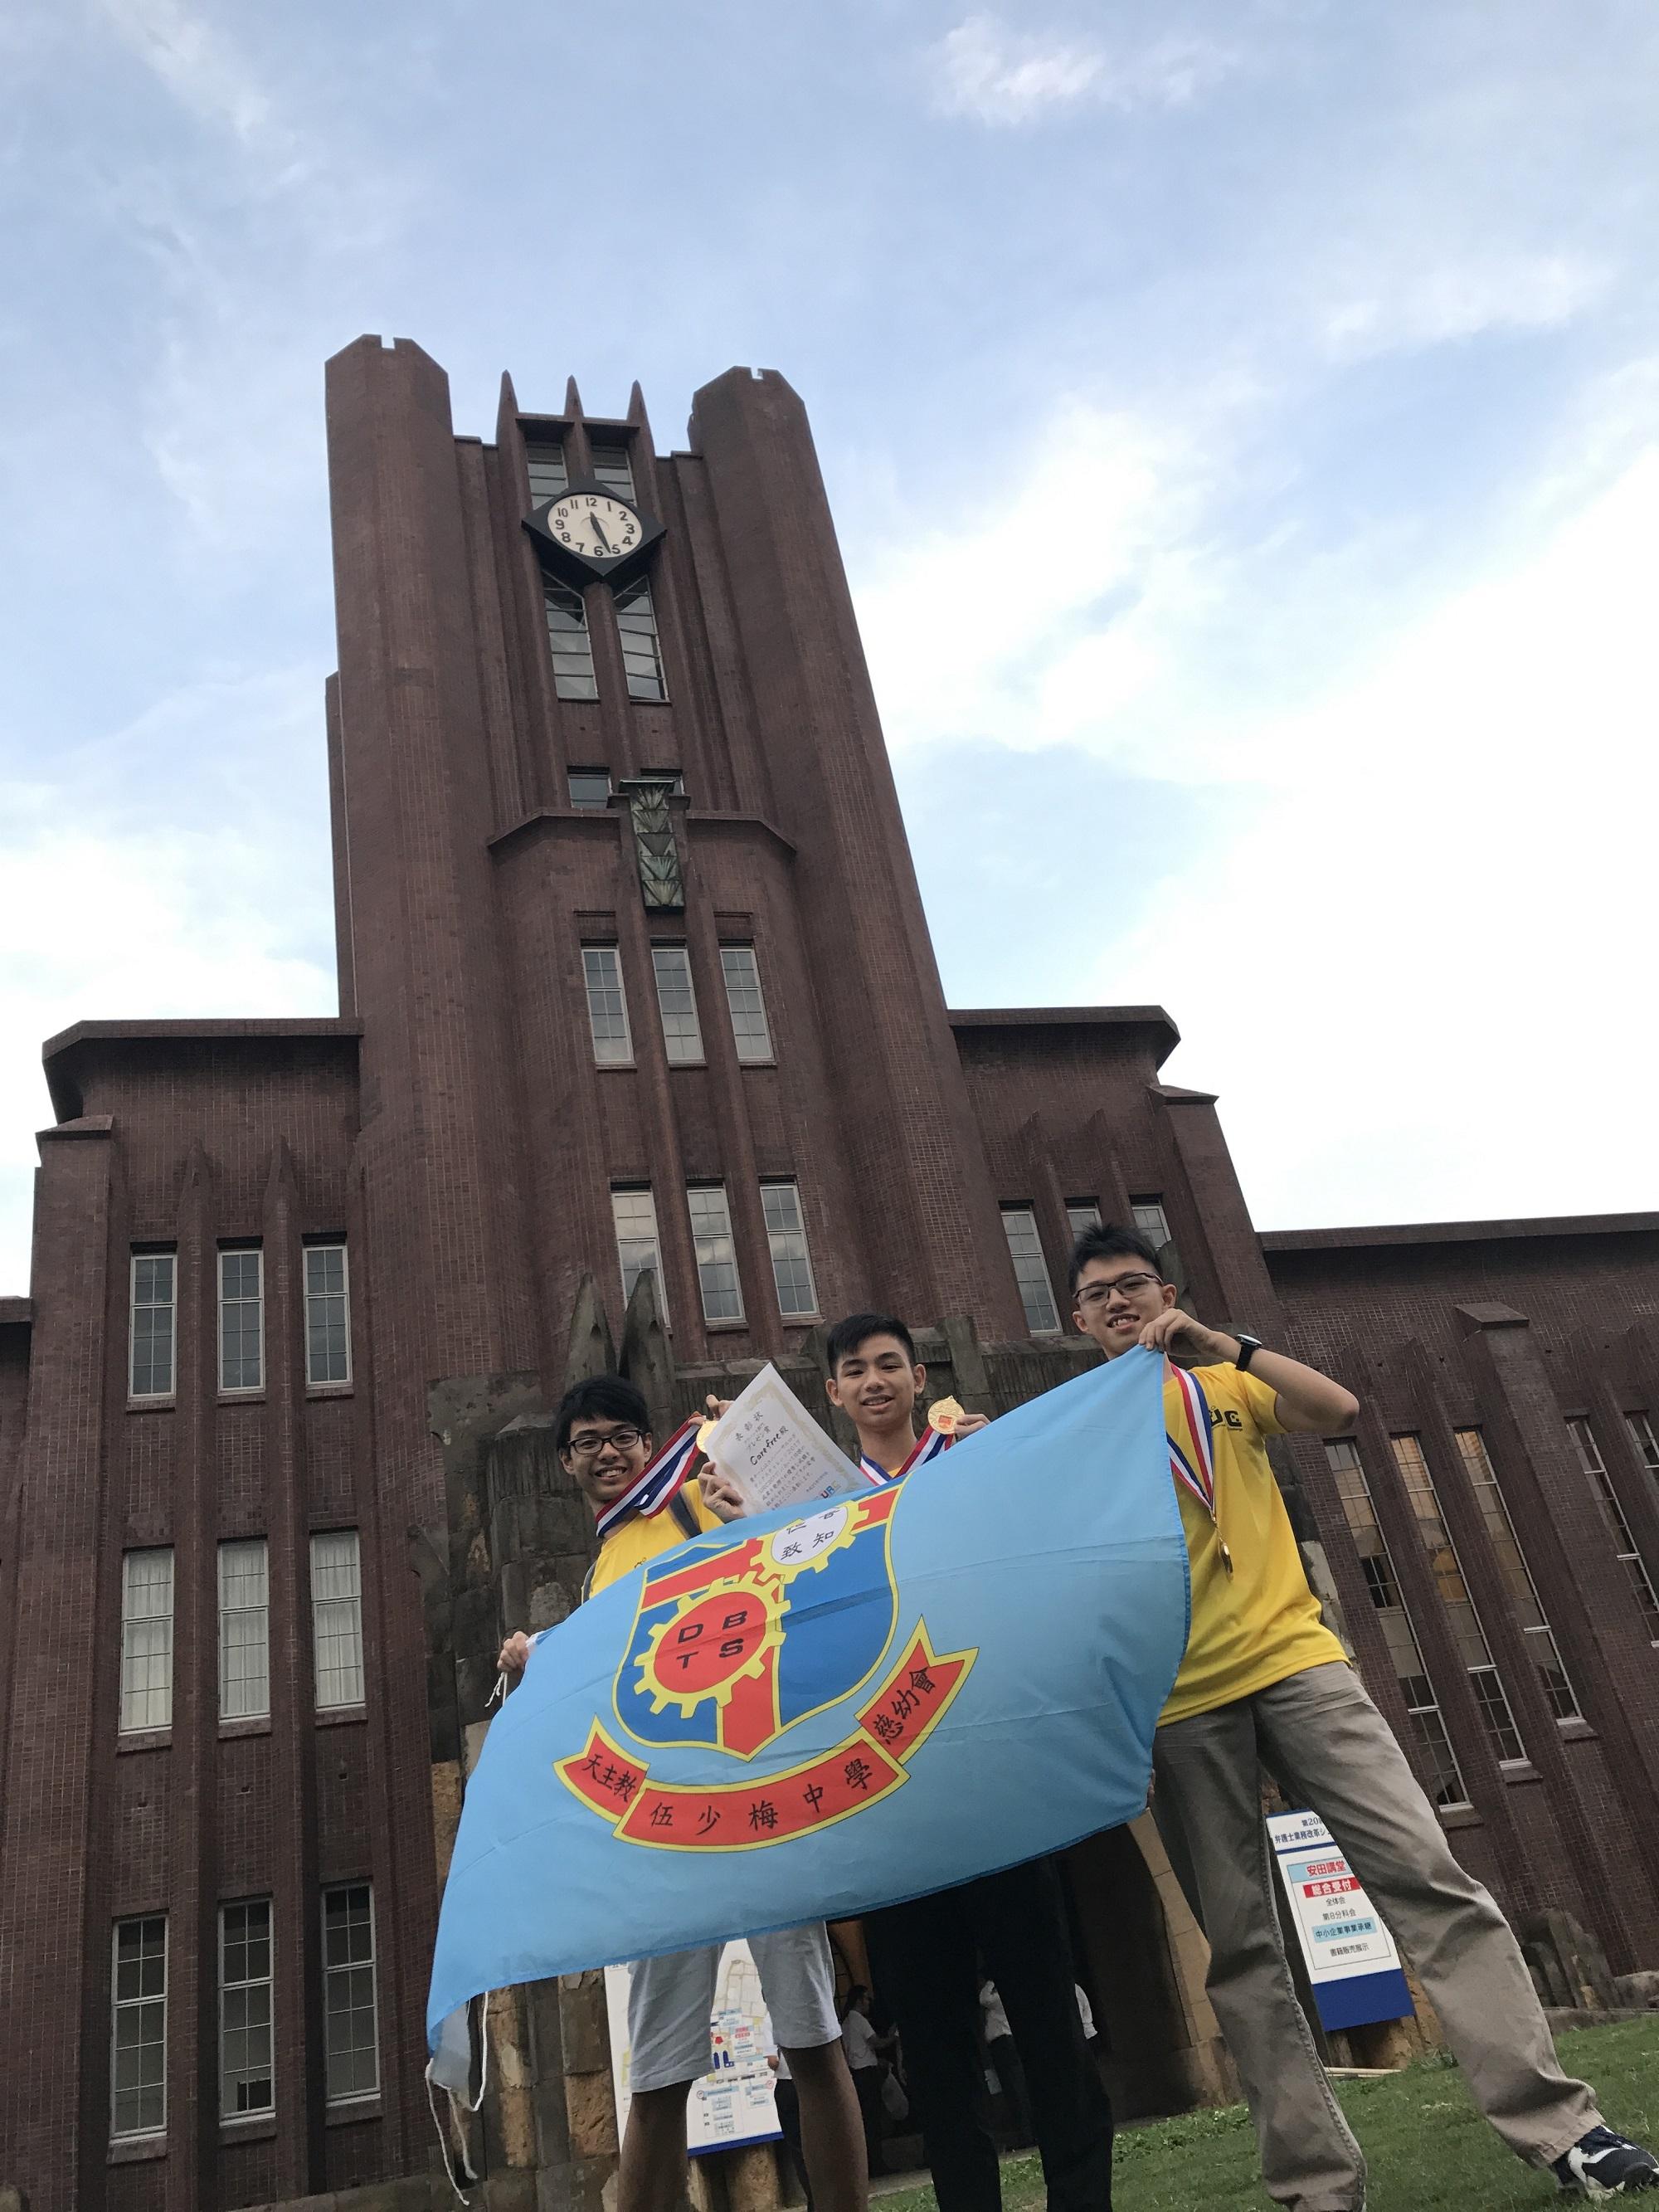 天主教慈幼會伍少梅中學的日本機械人比賽 - Universal Robotic Challenge 最佳設計獎相片12